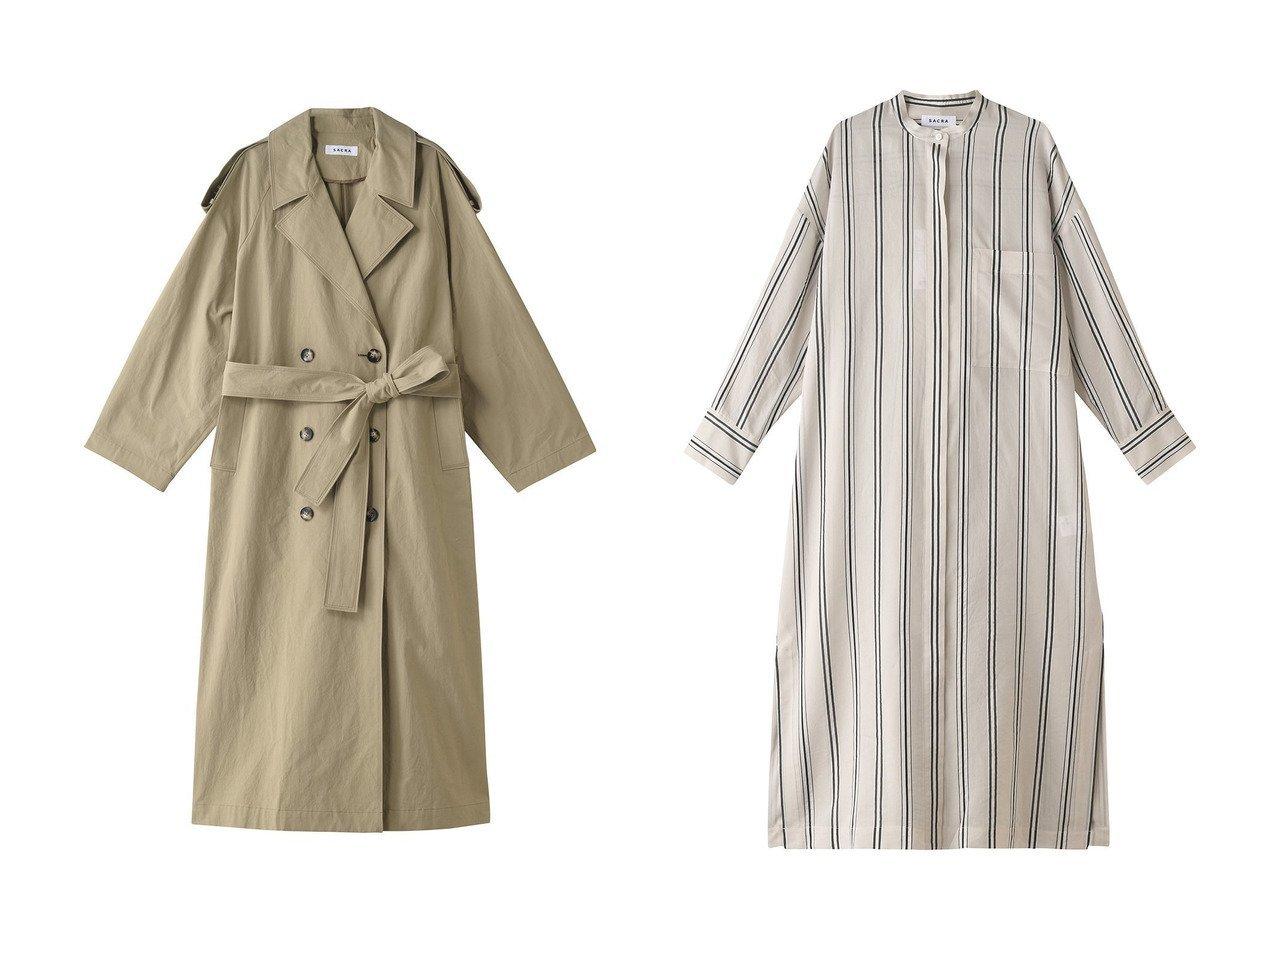 【SACRA/サクラ】のコットンヴィスコースシルクストライプワンピース&クランブル加工コットントレンチコート SACRAのおすすめ!人気、トレンド・レディースファッションの通販 おすすめで人気の流行・トレンド、ファッションの通販商品 メンズファッション・キッズファッション・インテリア・家具・レディースファッション・服の通販 founy(ファニー) https://founy.com/ ファッション Fashion レディースファッション WOMEN アウター Coat Outerwear コート Coats トレンチコート Trench Coats ワンピース Dress 2021年 2021 2021 春夏 S/S SS Spring/Summer 2021 S/S 春夏 SS Spring/Summer ロング 定番 Standard 春 Spring |ID:crp329100000019061